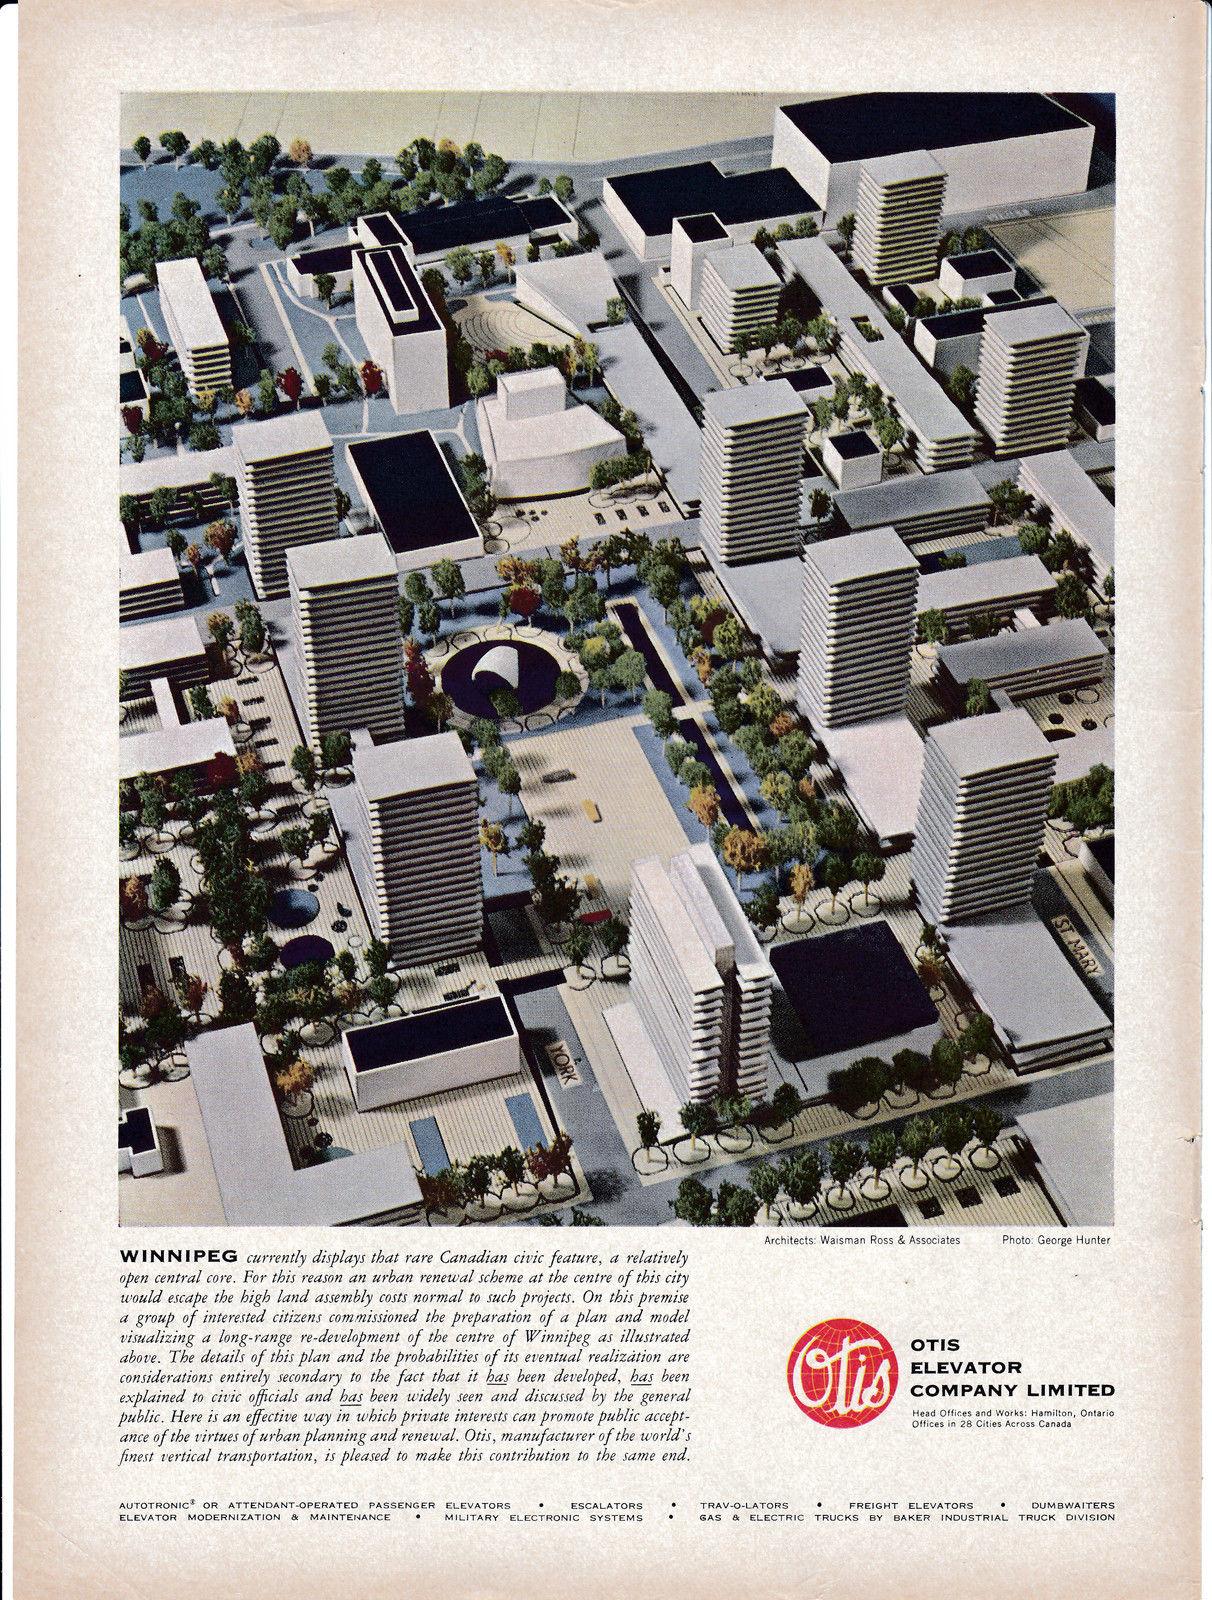 1963 Otis Elevator Winnipeg Canada Central Core Original Magazine